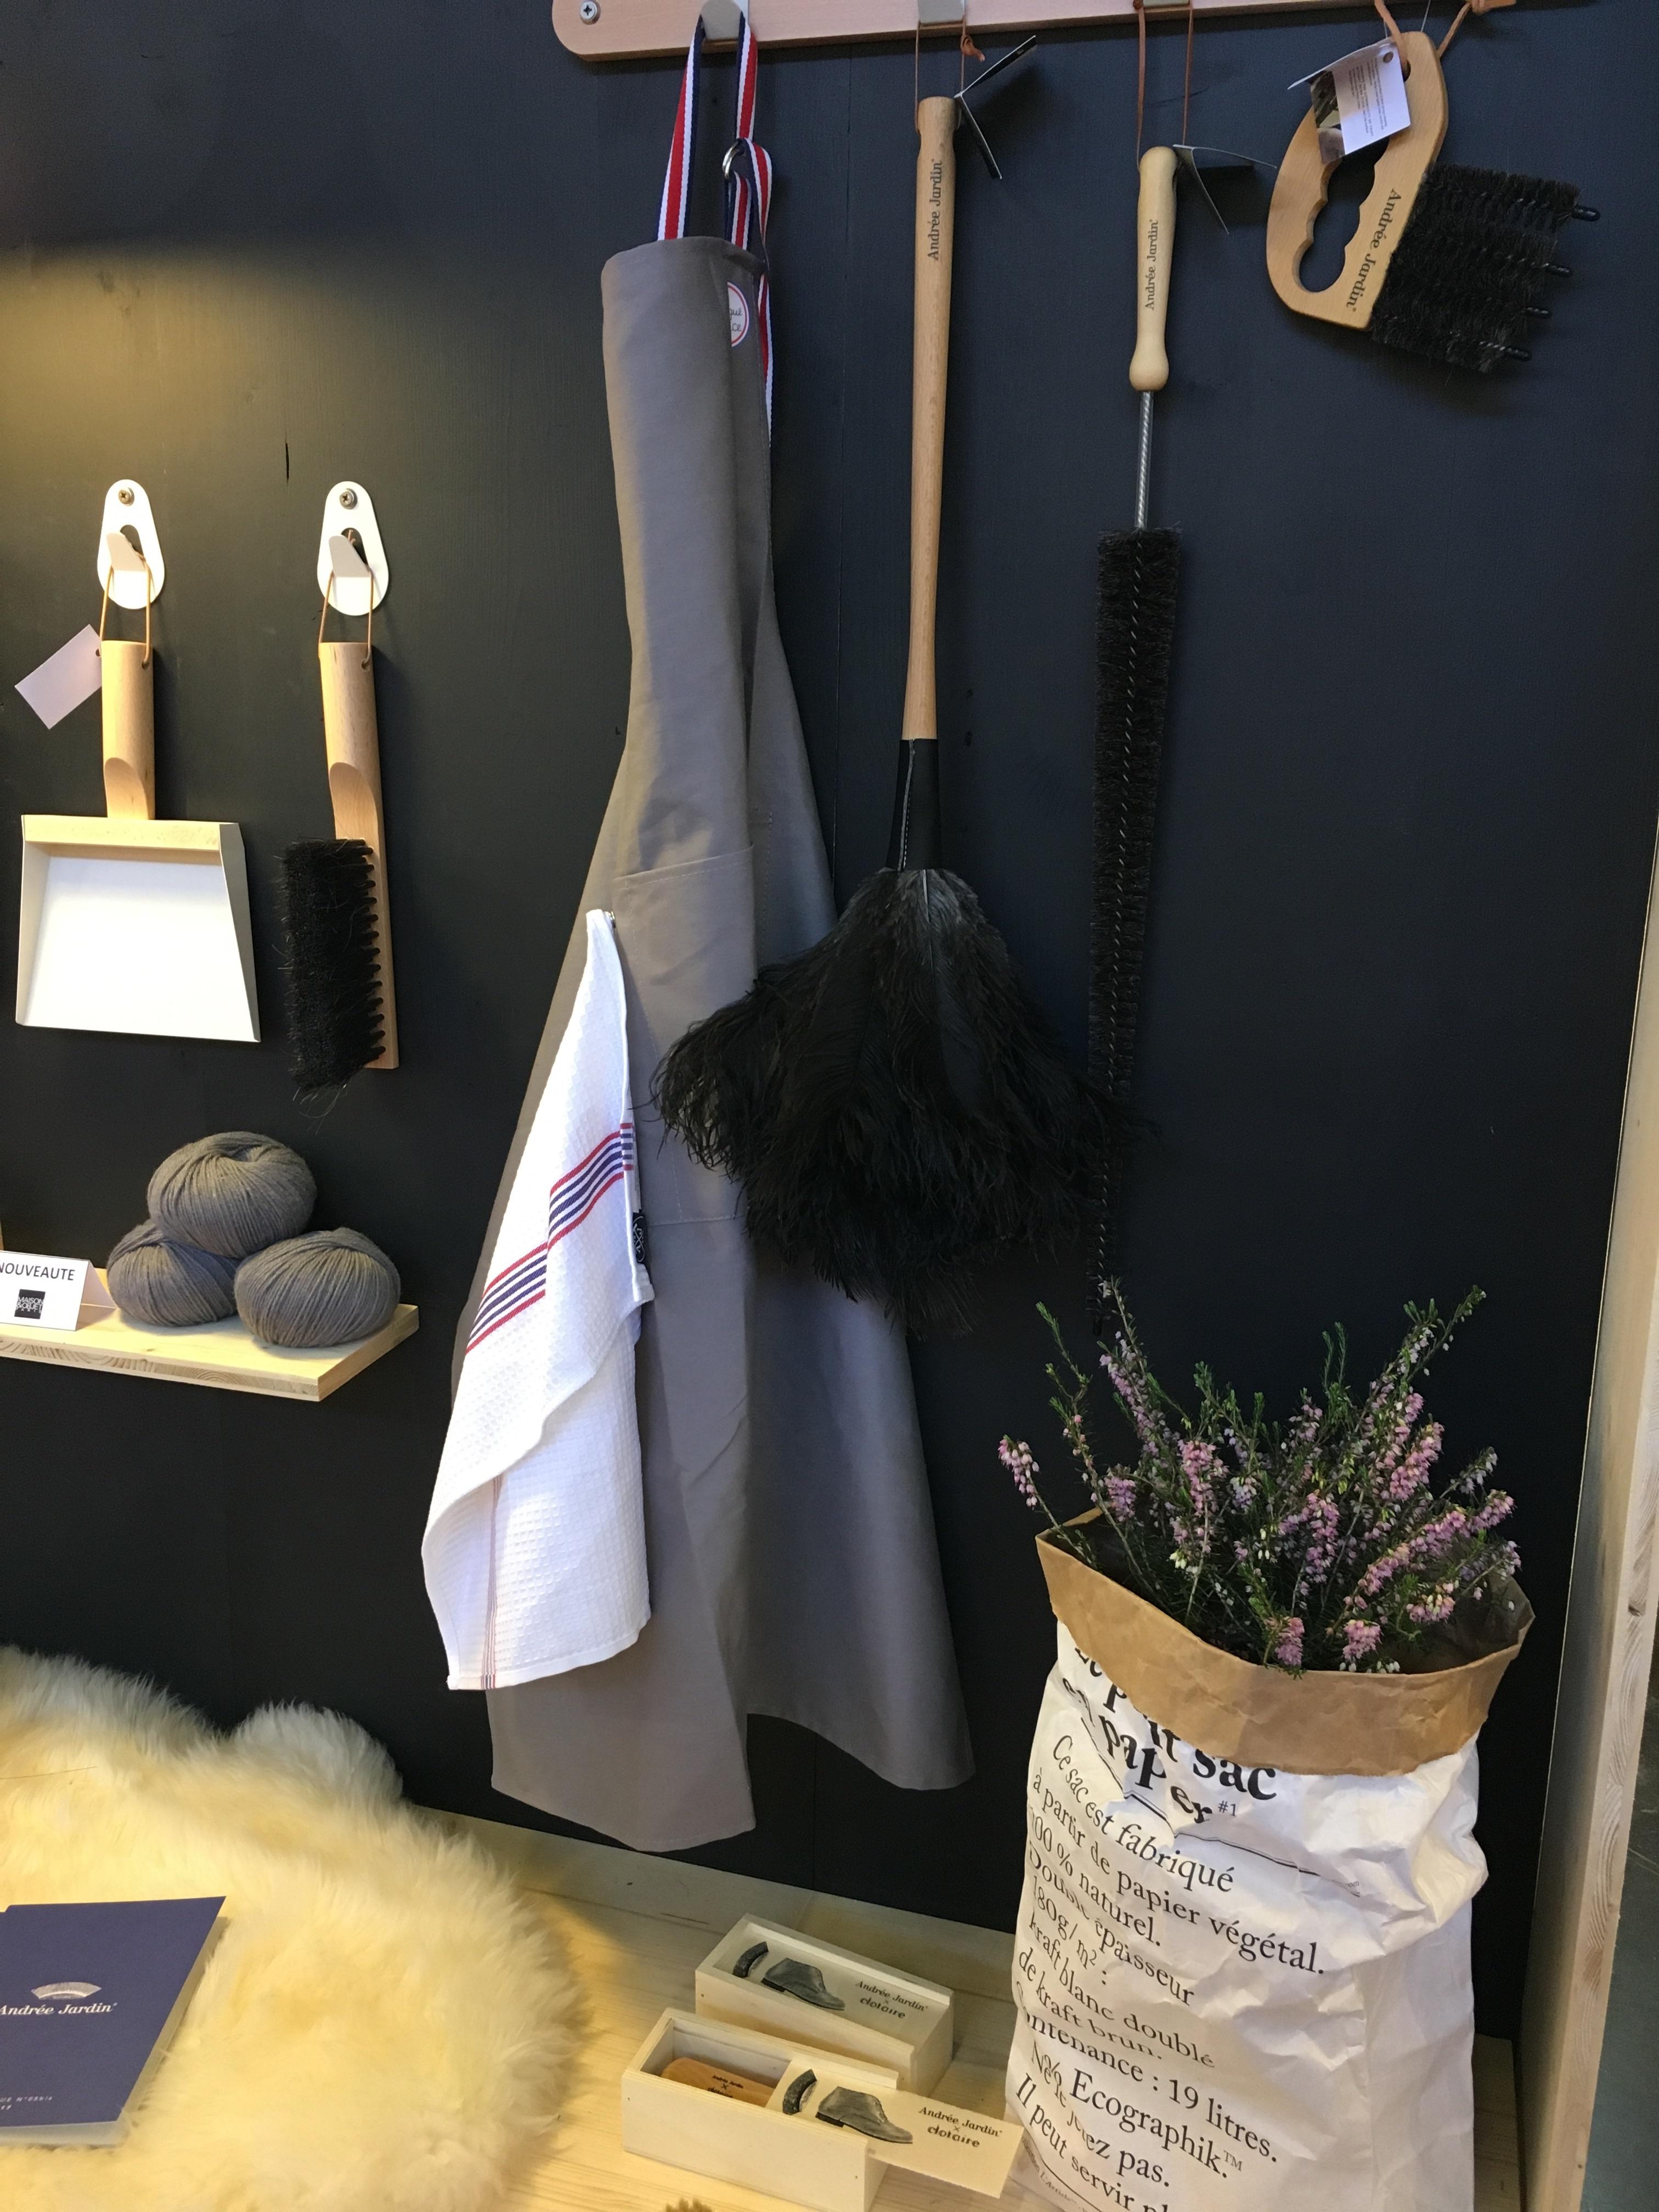 Stand Andrée Jardin au salon Maison & Objets janvier 2017